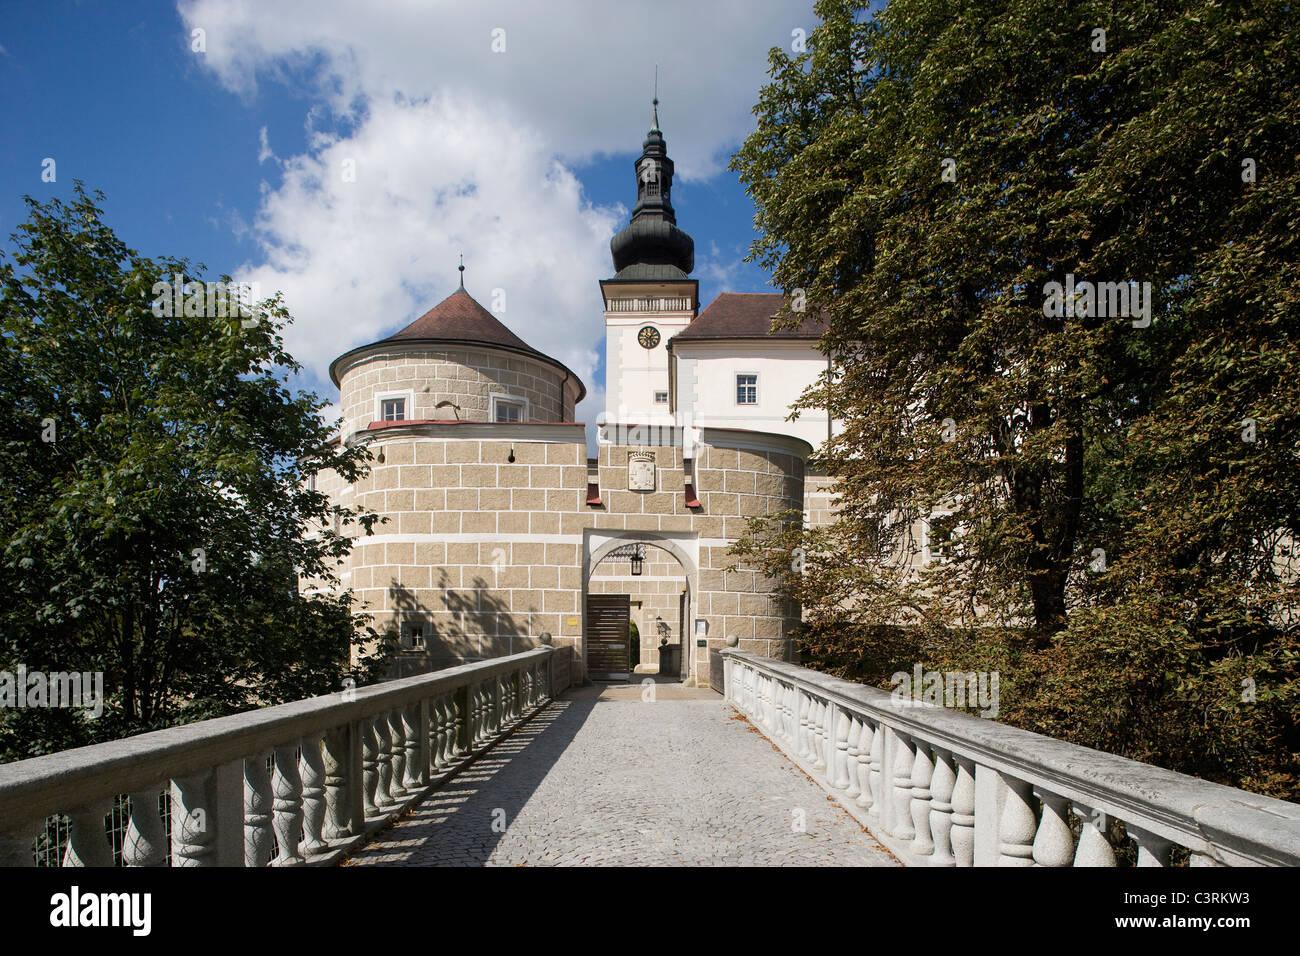 Austria, M├╝hlviertel, Kefermarkt, View of schloss weinberg castle Stock Photo